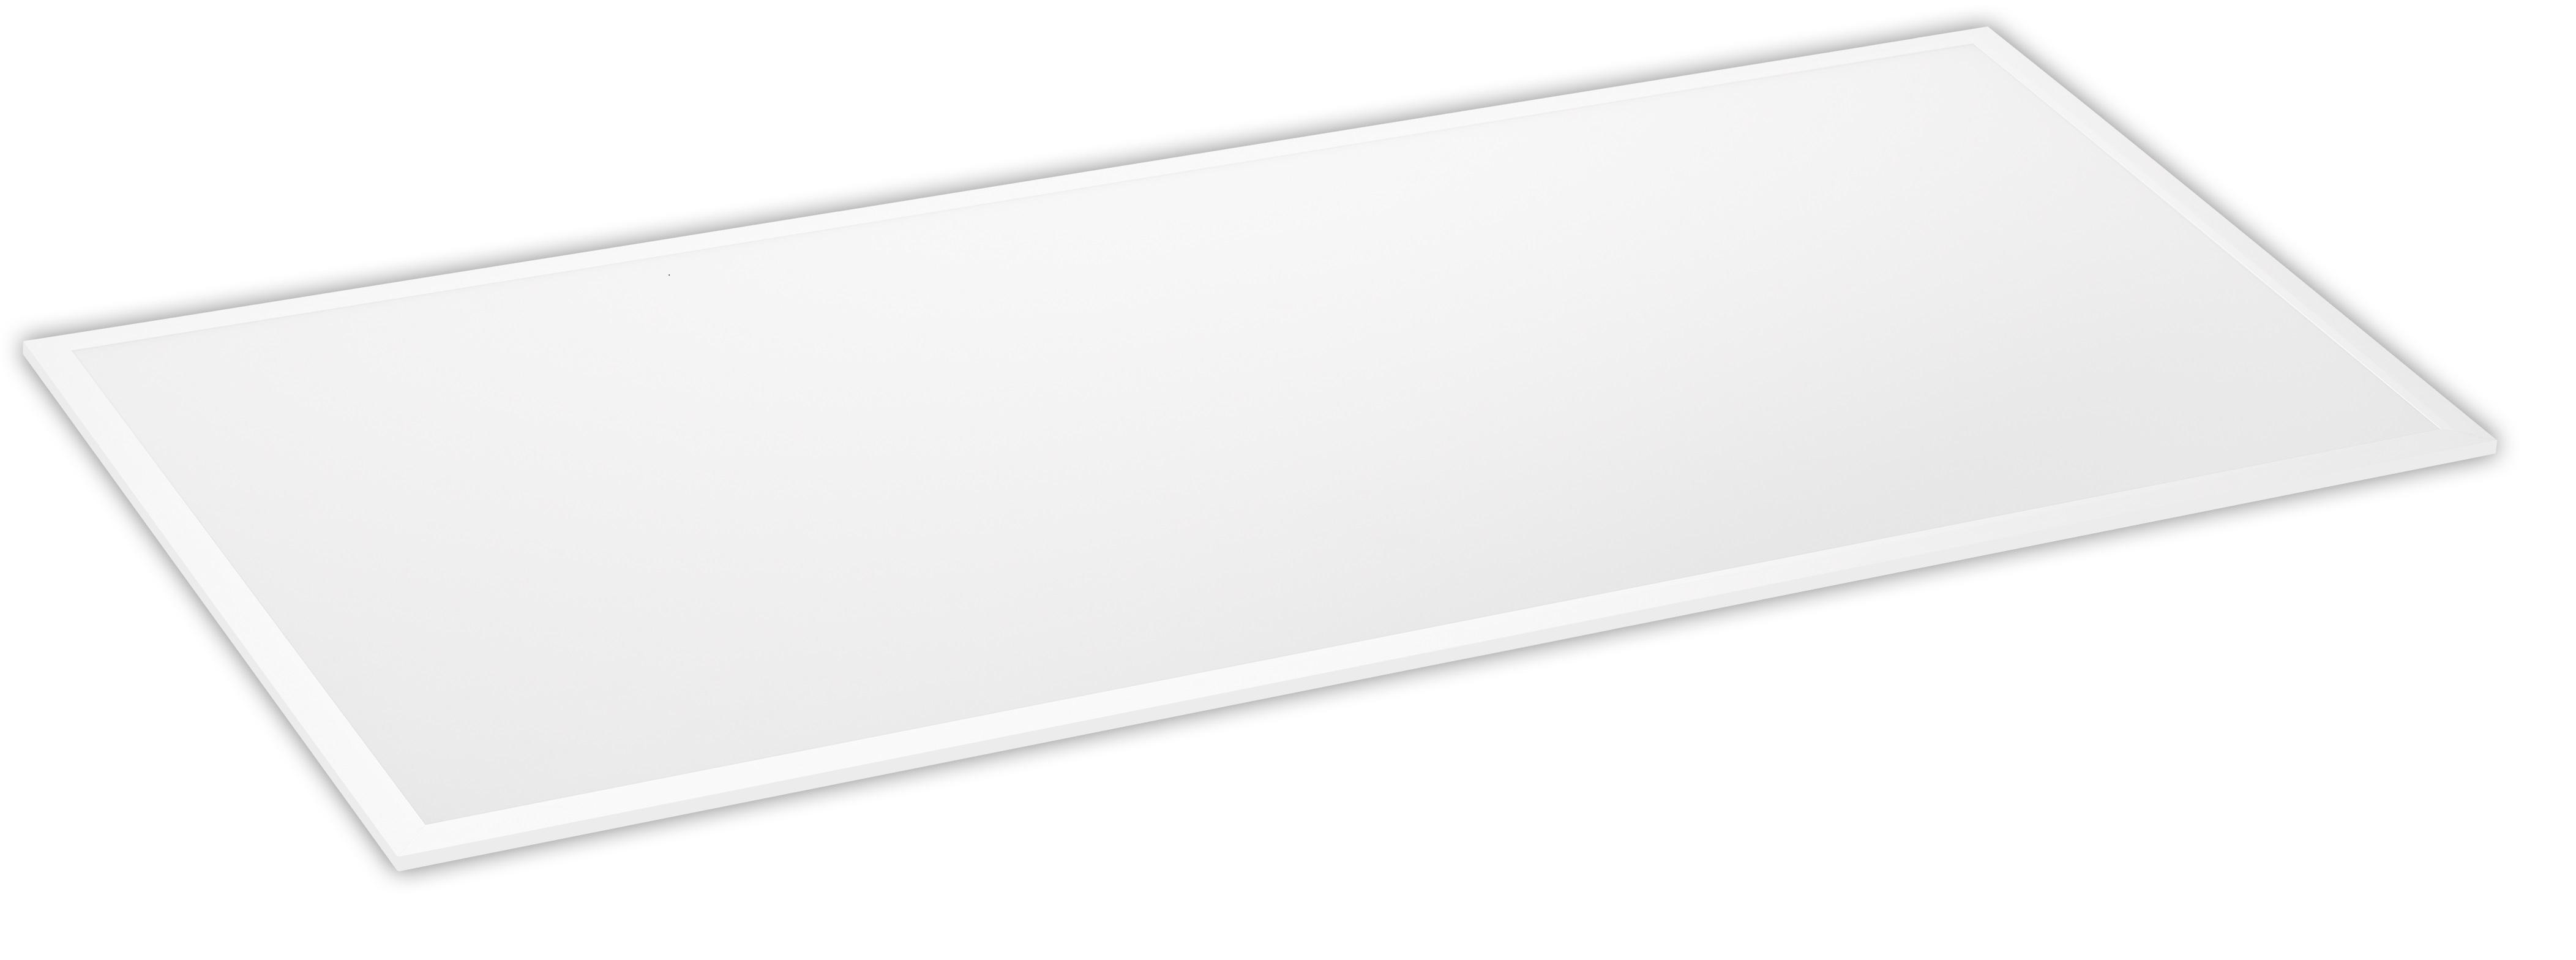 1 Stk LED Panel 1197x297 3700lm/80d/830 1050mA, ohne Treiber LI29001245